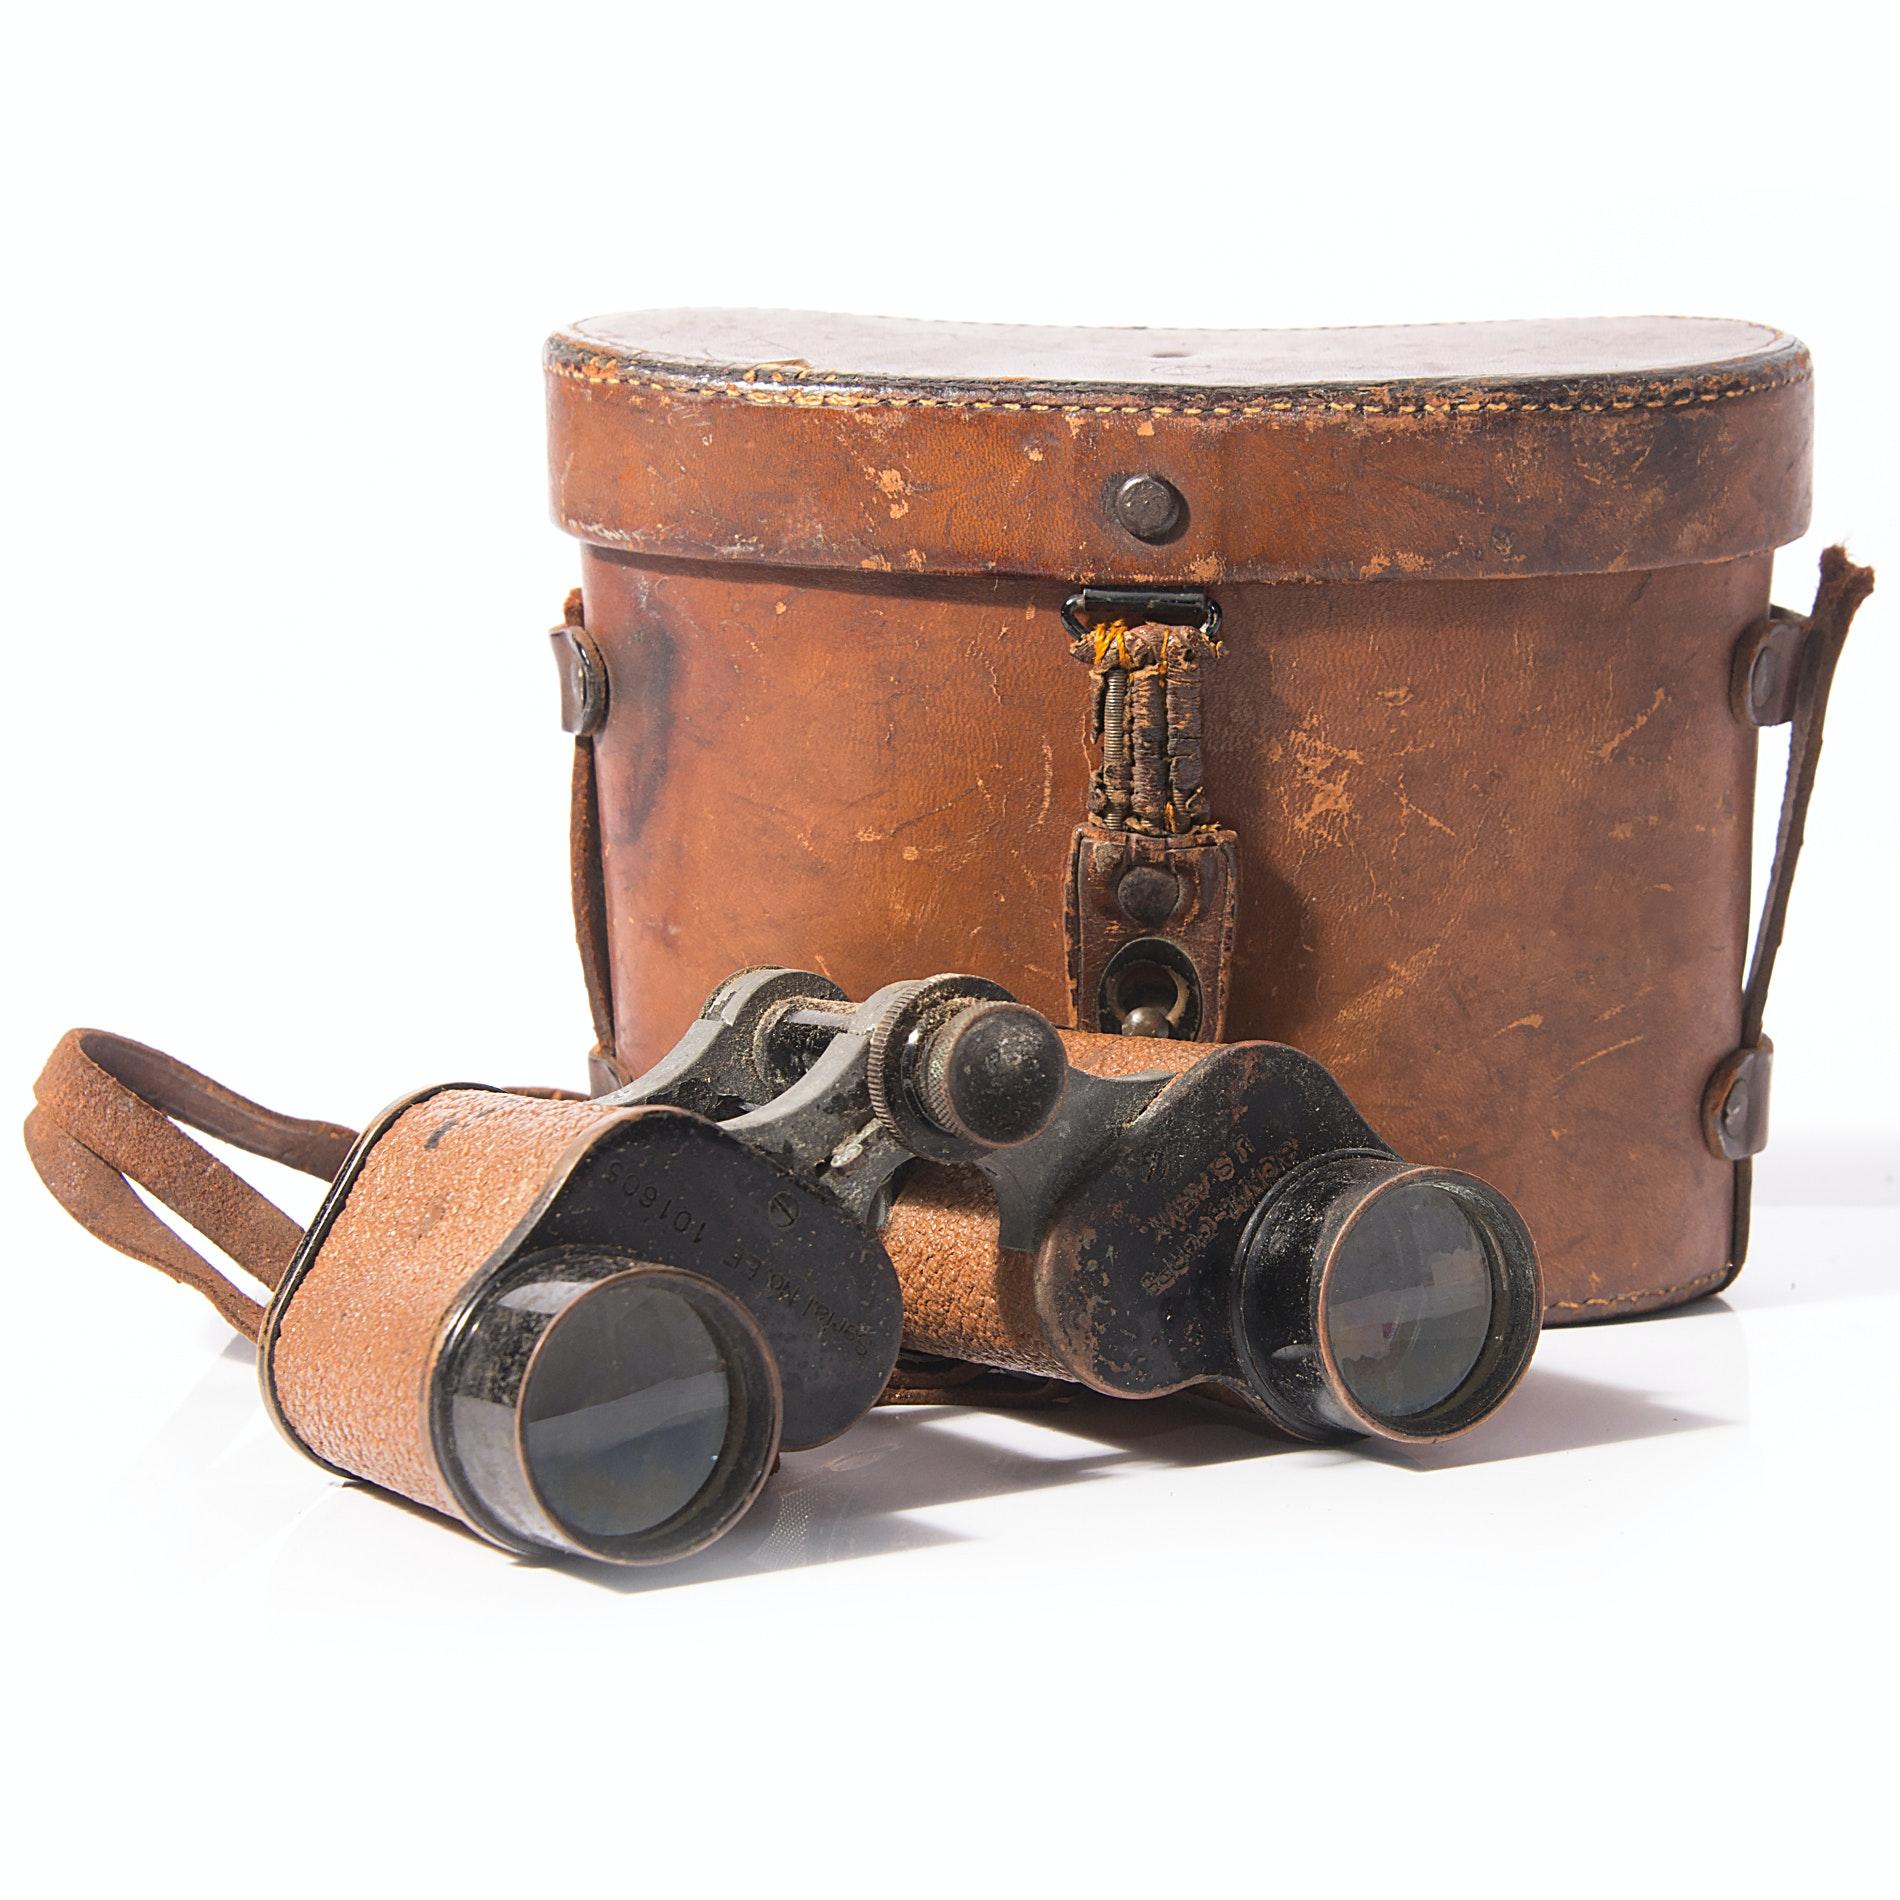 WWI U.S. Army Bausch & Lomb Binoculars